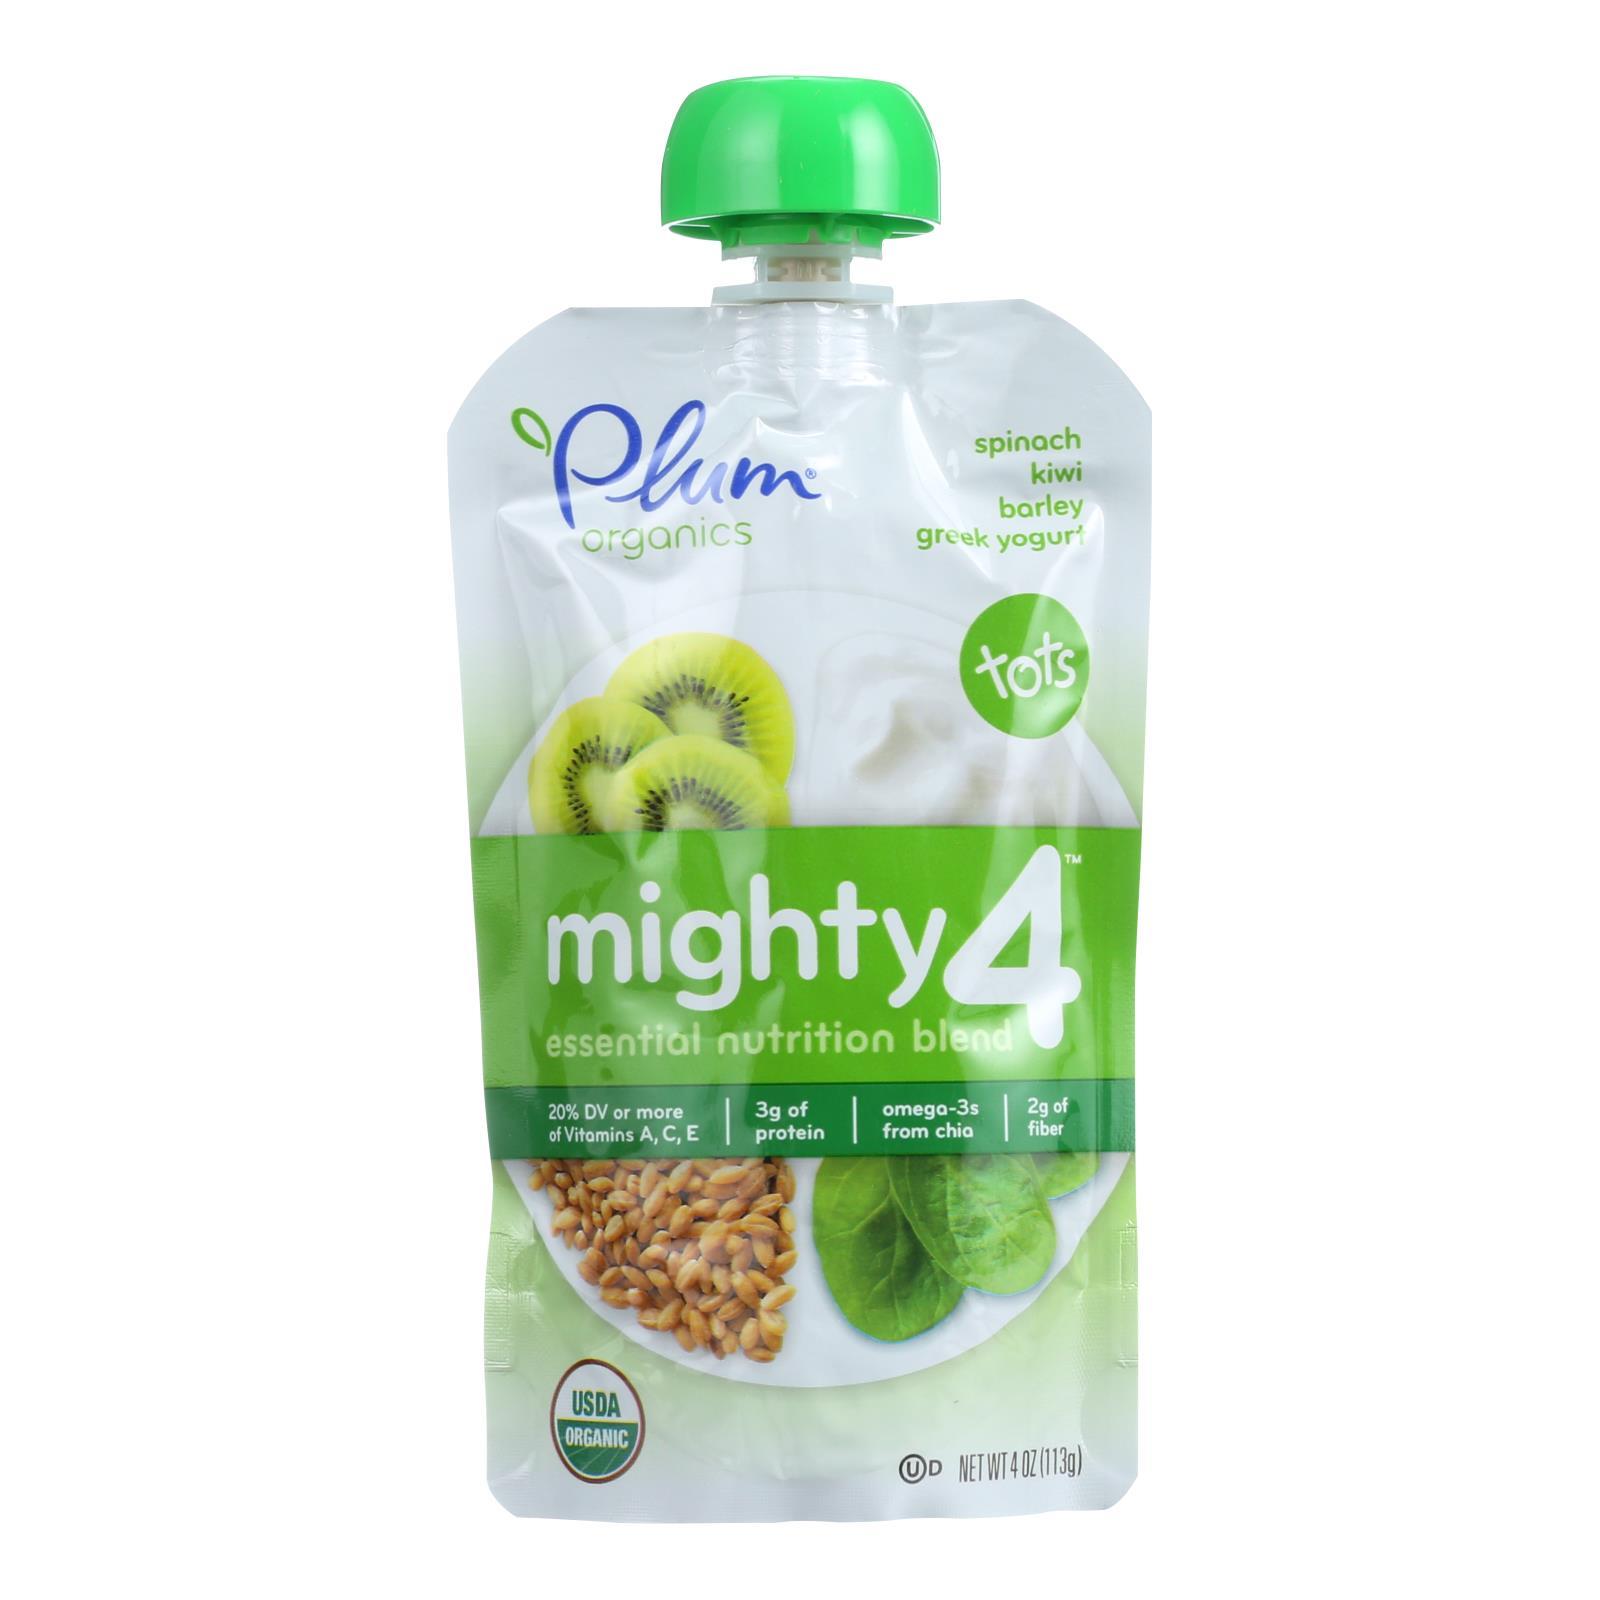 Plum Organics Essential Nutrition Blend - Mighty 4 - Spinach Kiwi Barley Greek Yogurt - 4 oz - Case of 6